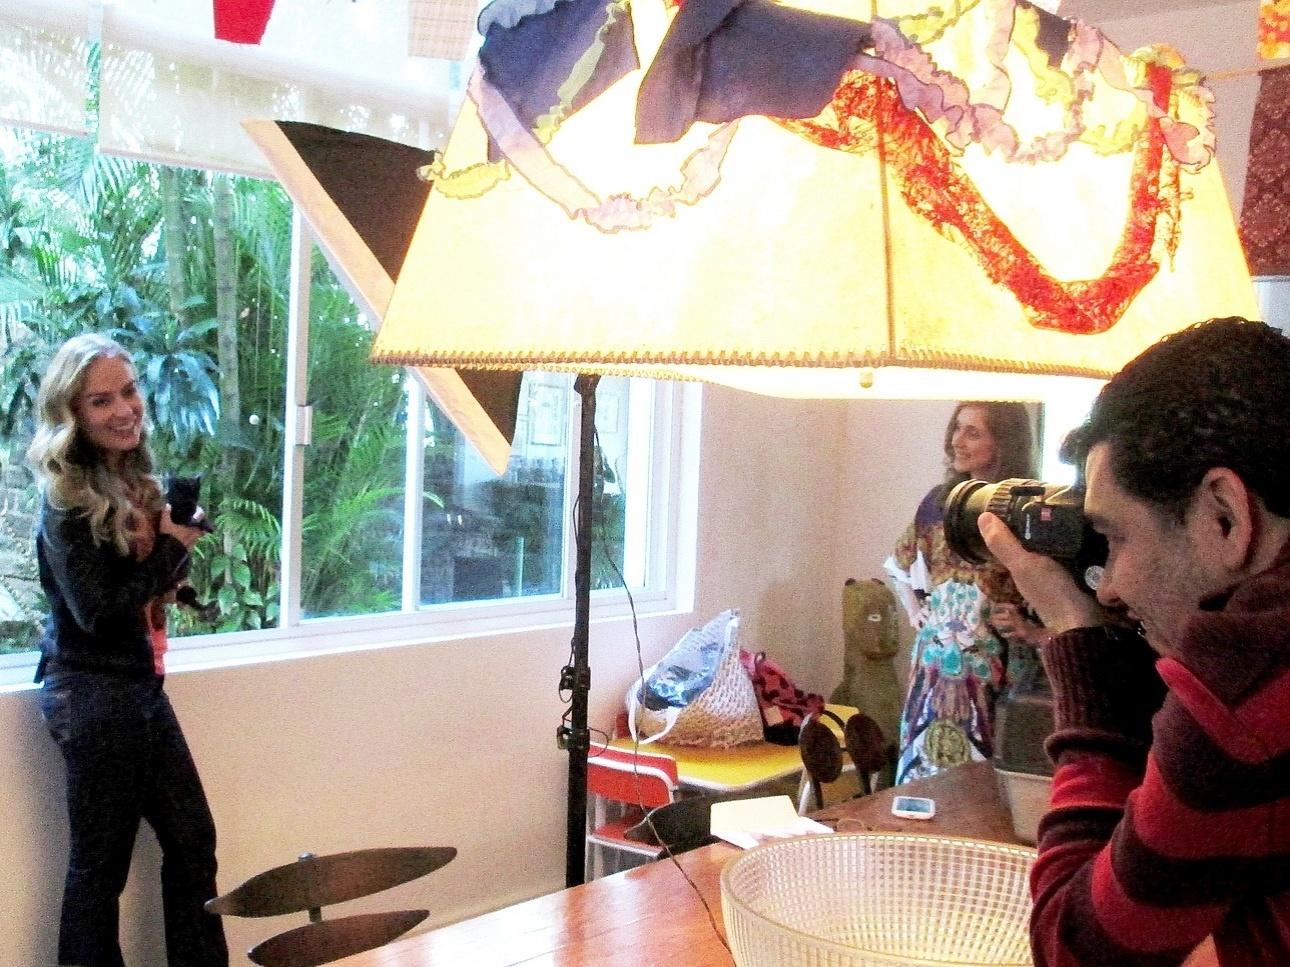 21.ago.2013- Angélica apoia campanha de adoção de gatos no Rio de Janeiro